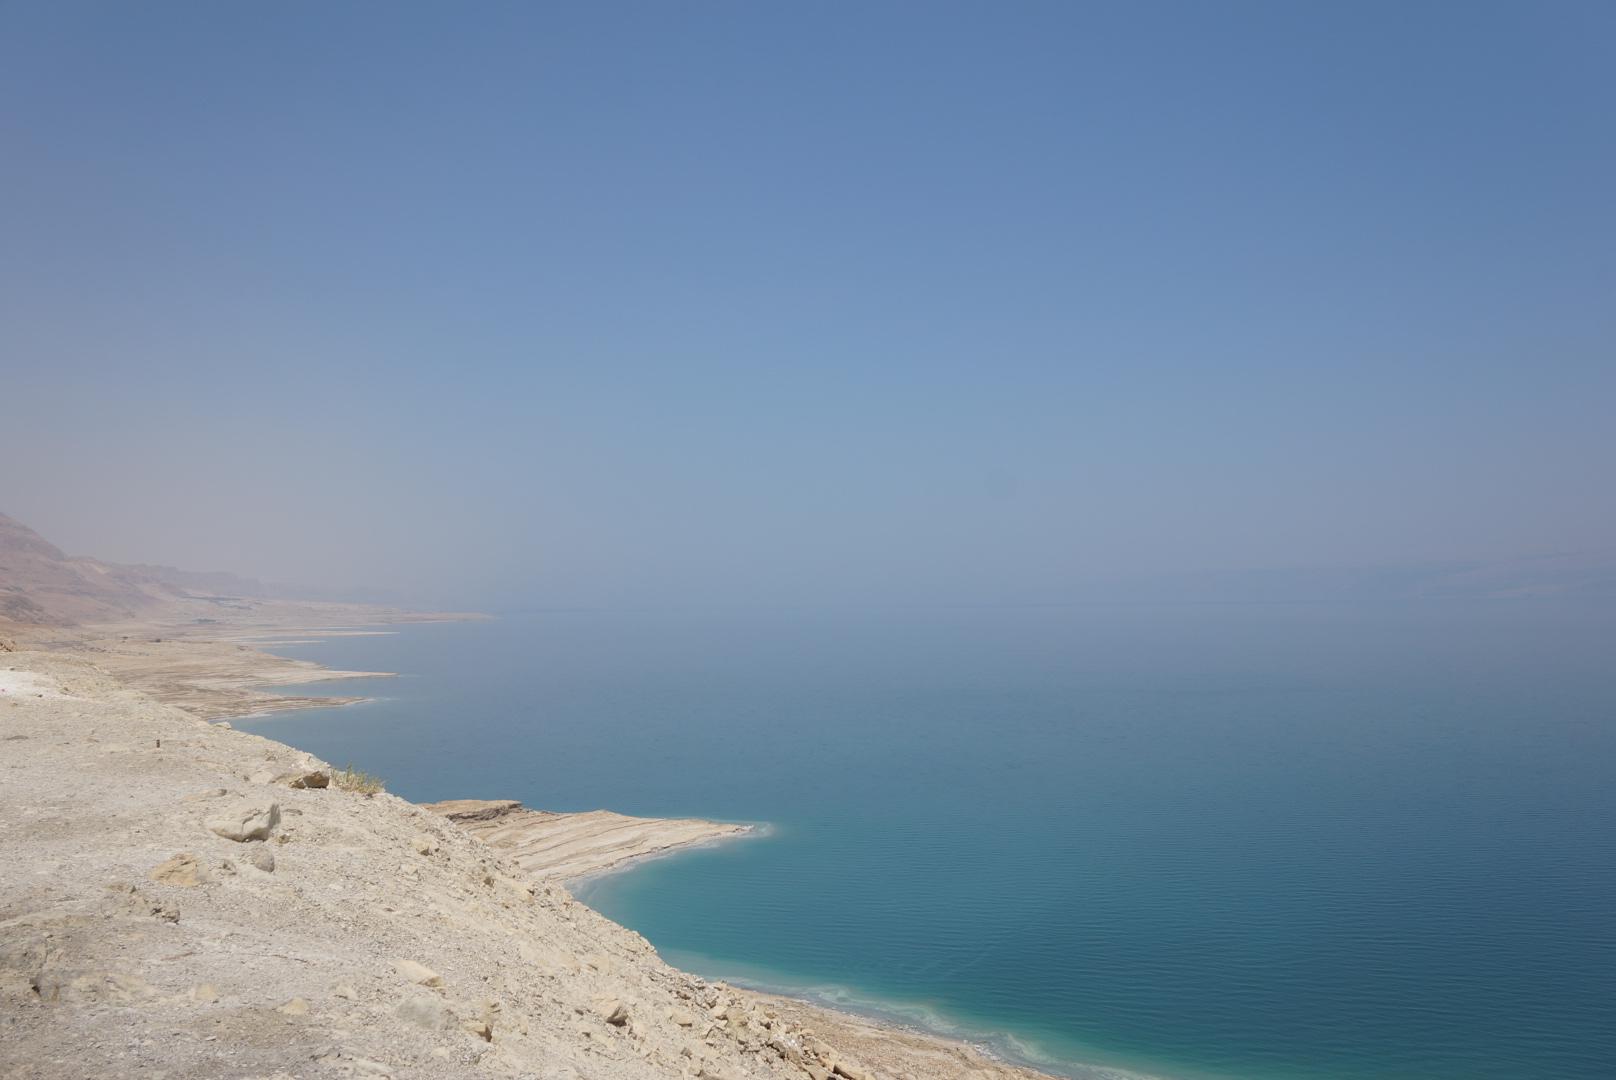 les plus belles plages d isra l le blog de voyage en israel tel aviv jerusalem mer morte. Black Bedroom Furniture Sets. Home Design Ideas